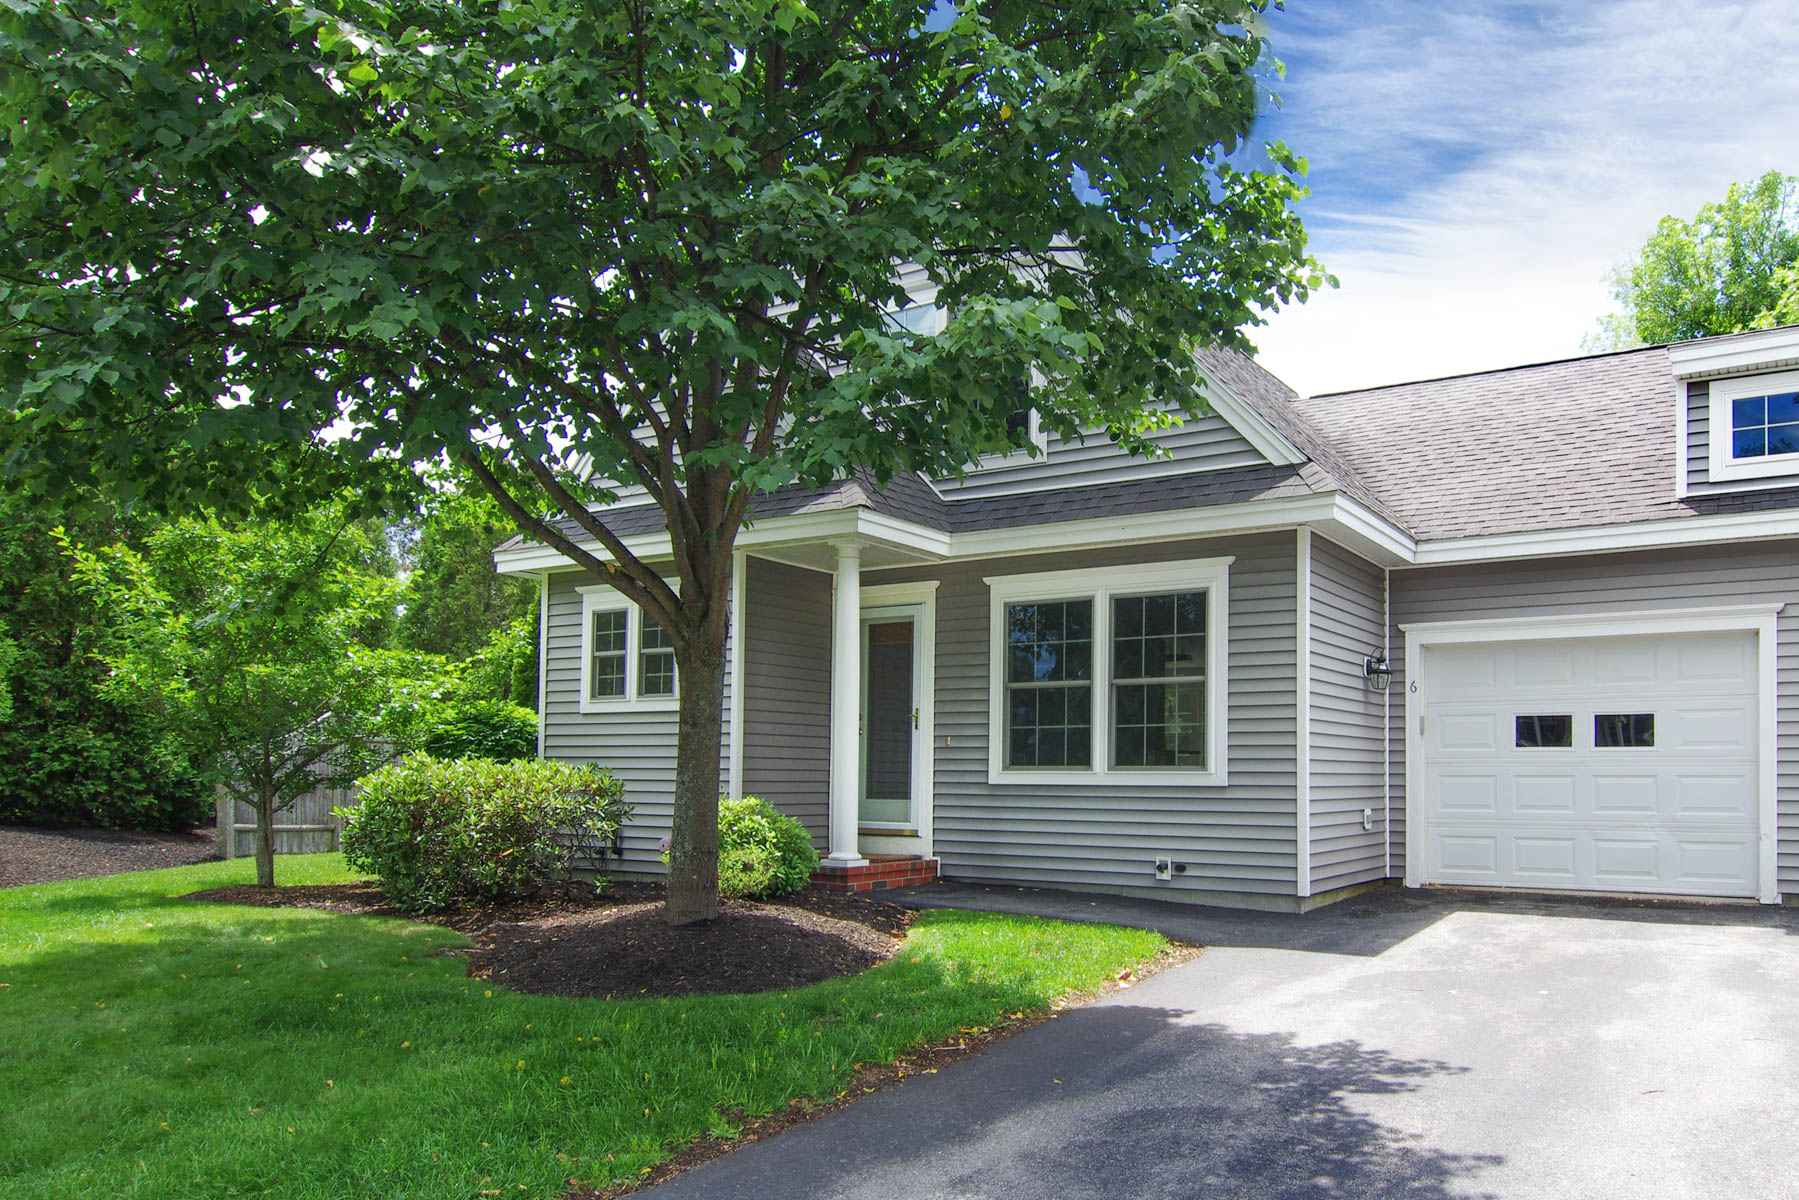 Condominium for Sale at 6 Delaware Ct, Unit#A1 6 Delaware Ct Unit#A1 Portland, Maine 04103 United States